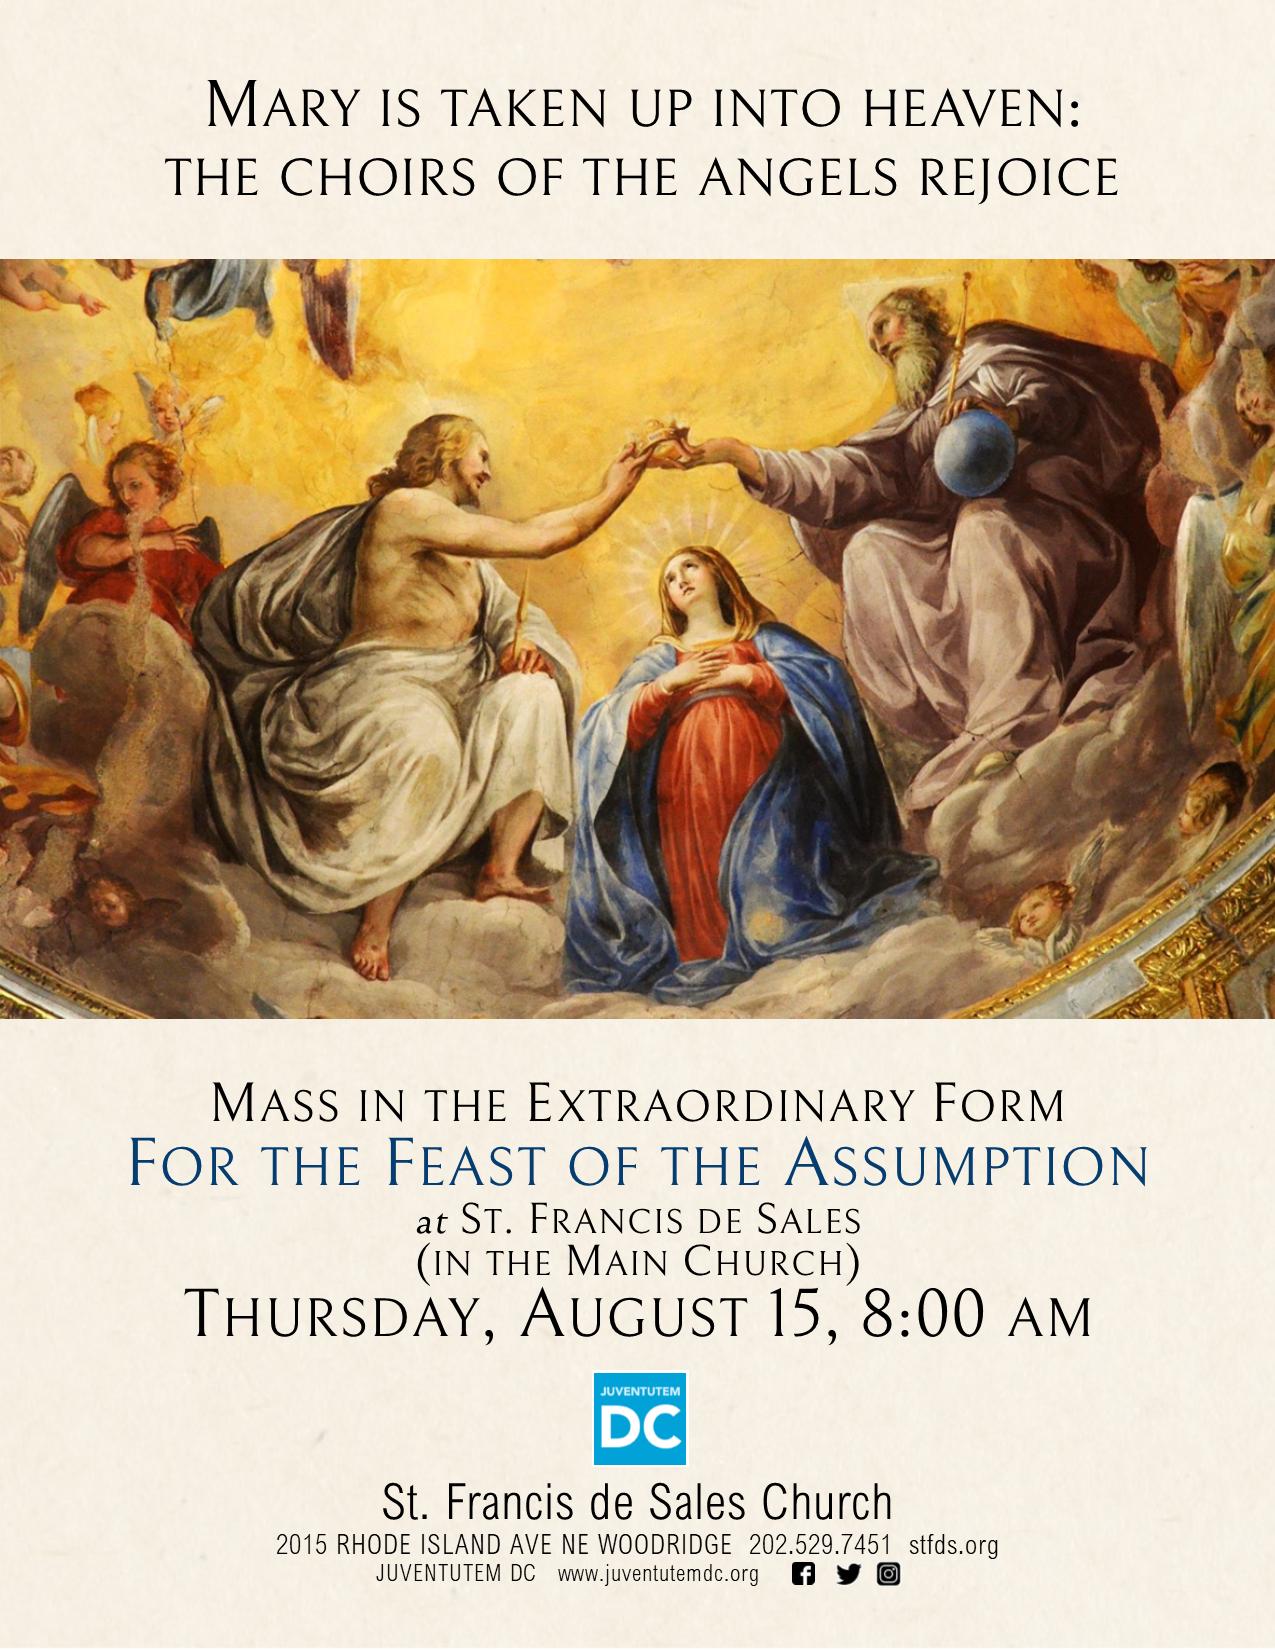 2019 08 Feast of Assumption Mass.png